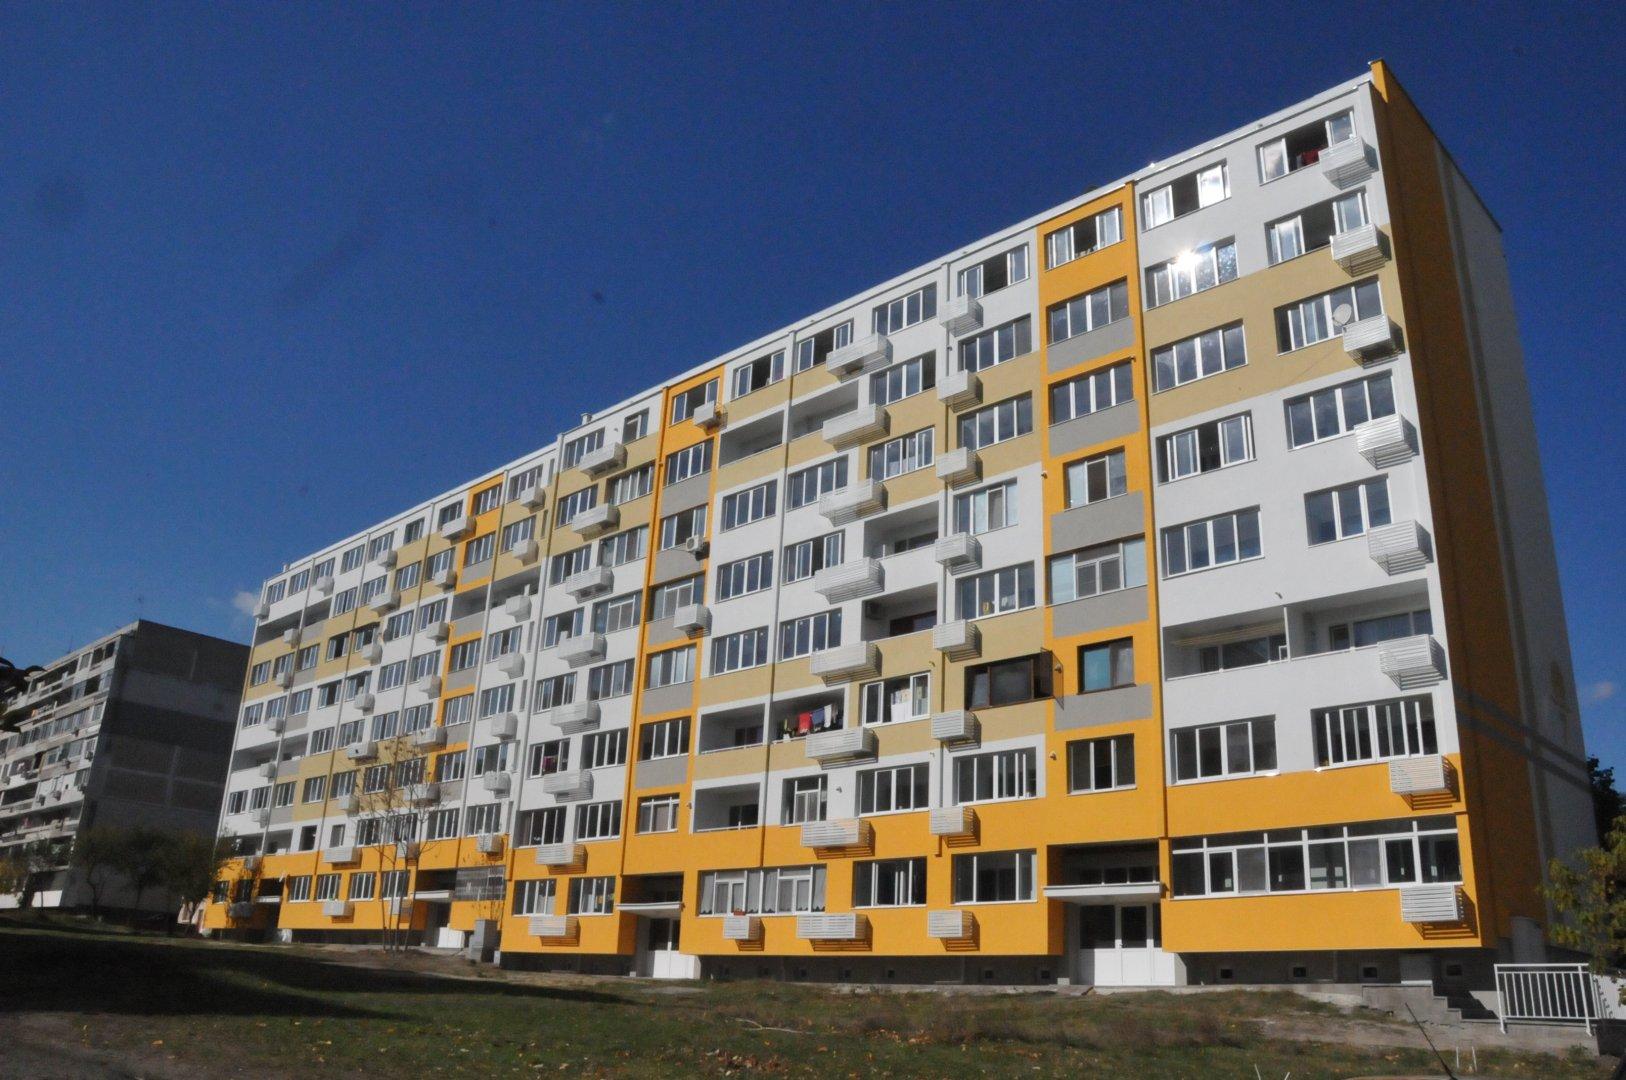 Жилищните сгради на четири и повече етажа са 6.3 хиляди. Снимка Архив Черноморие-бг